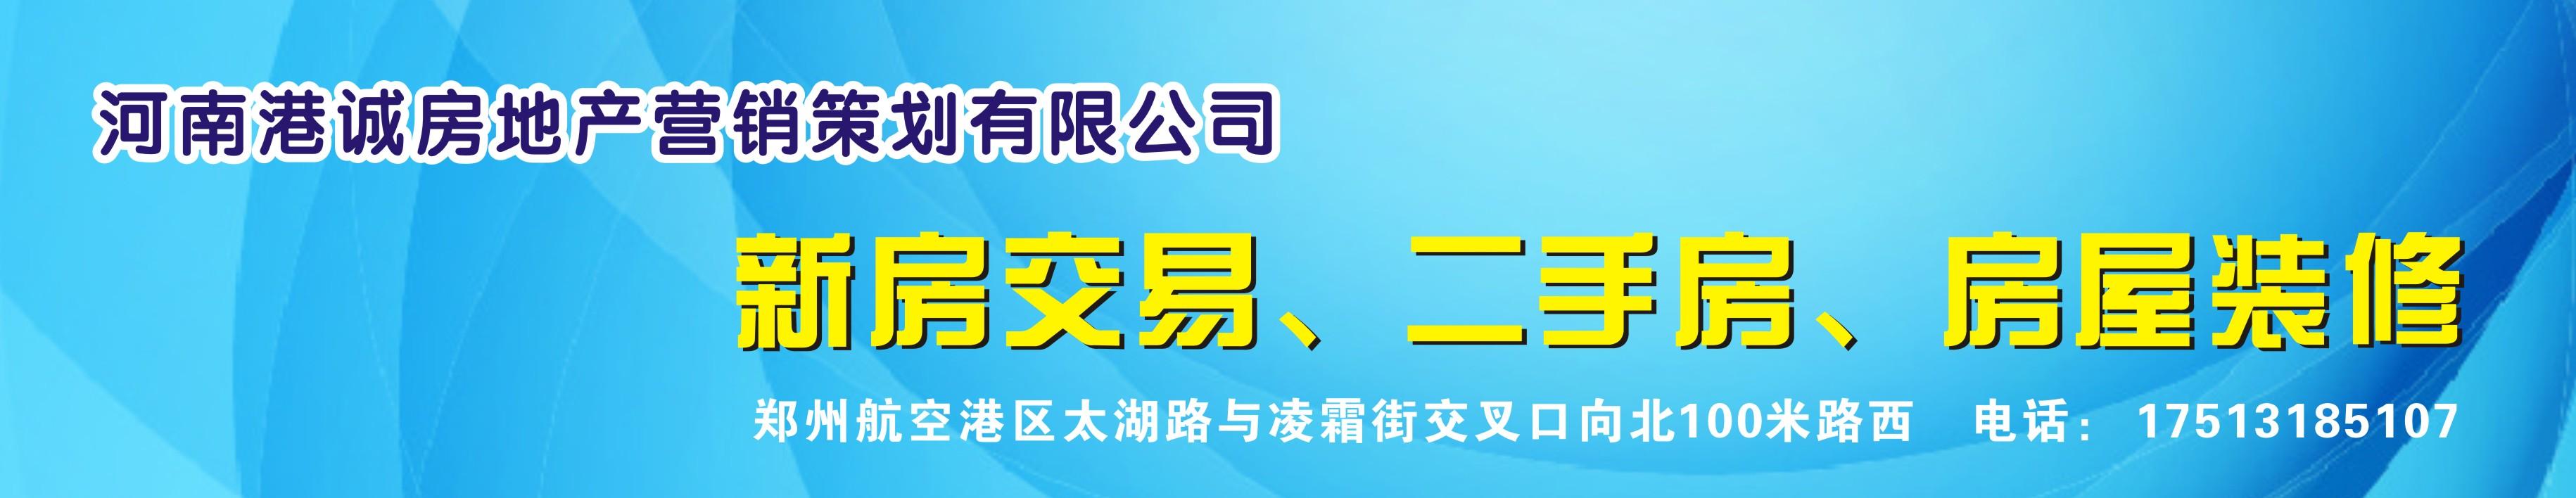 河南港诚房地产营销策划有限公司